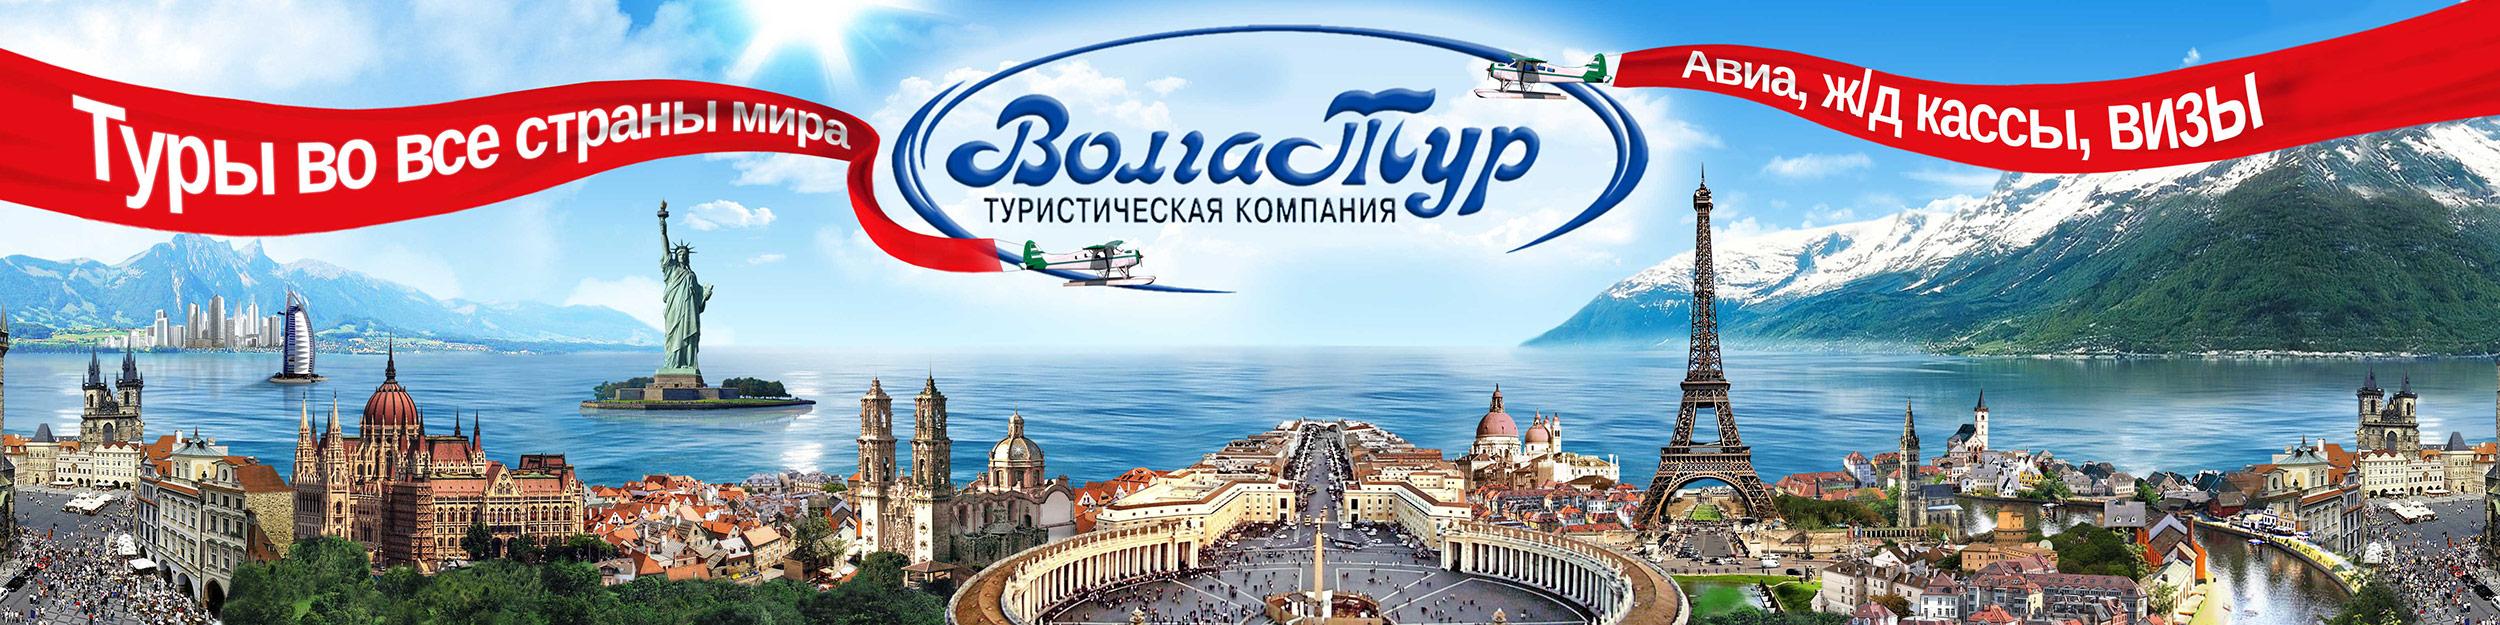 Туристическая компания